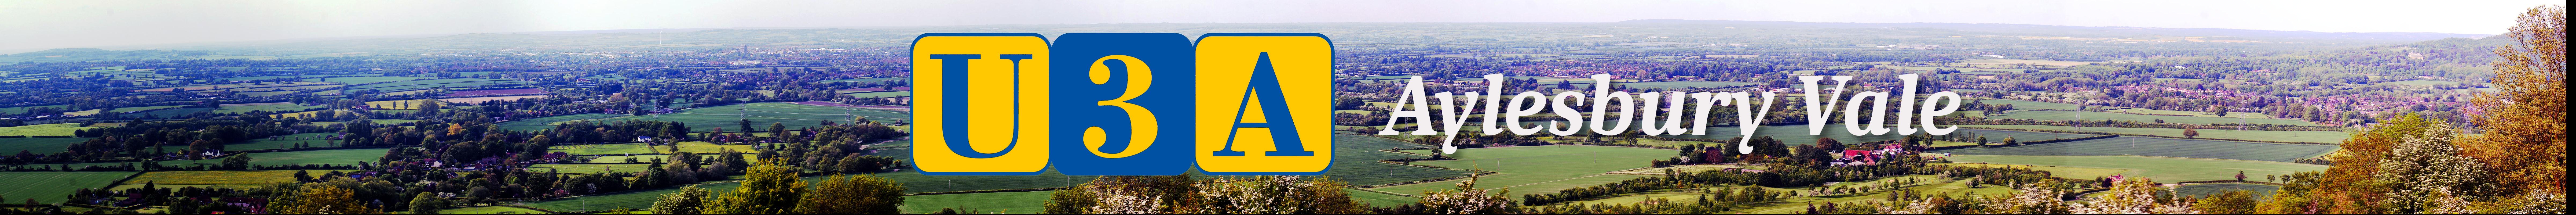 Aylesbury Vale U3A